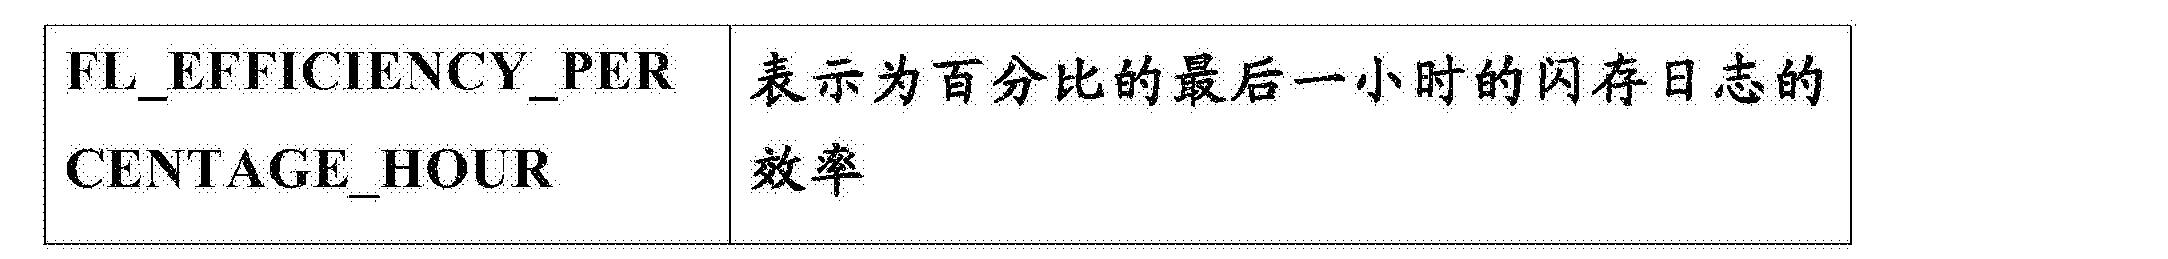 Figure CN103443773BD00261